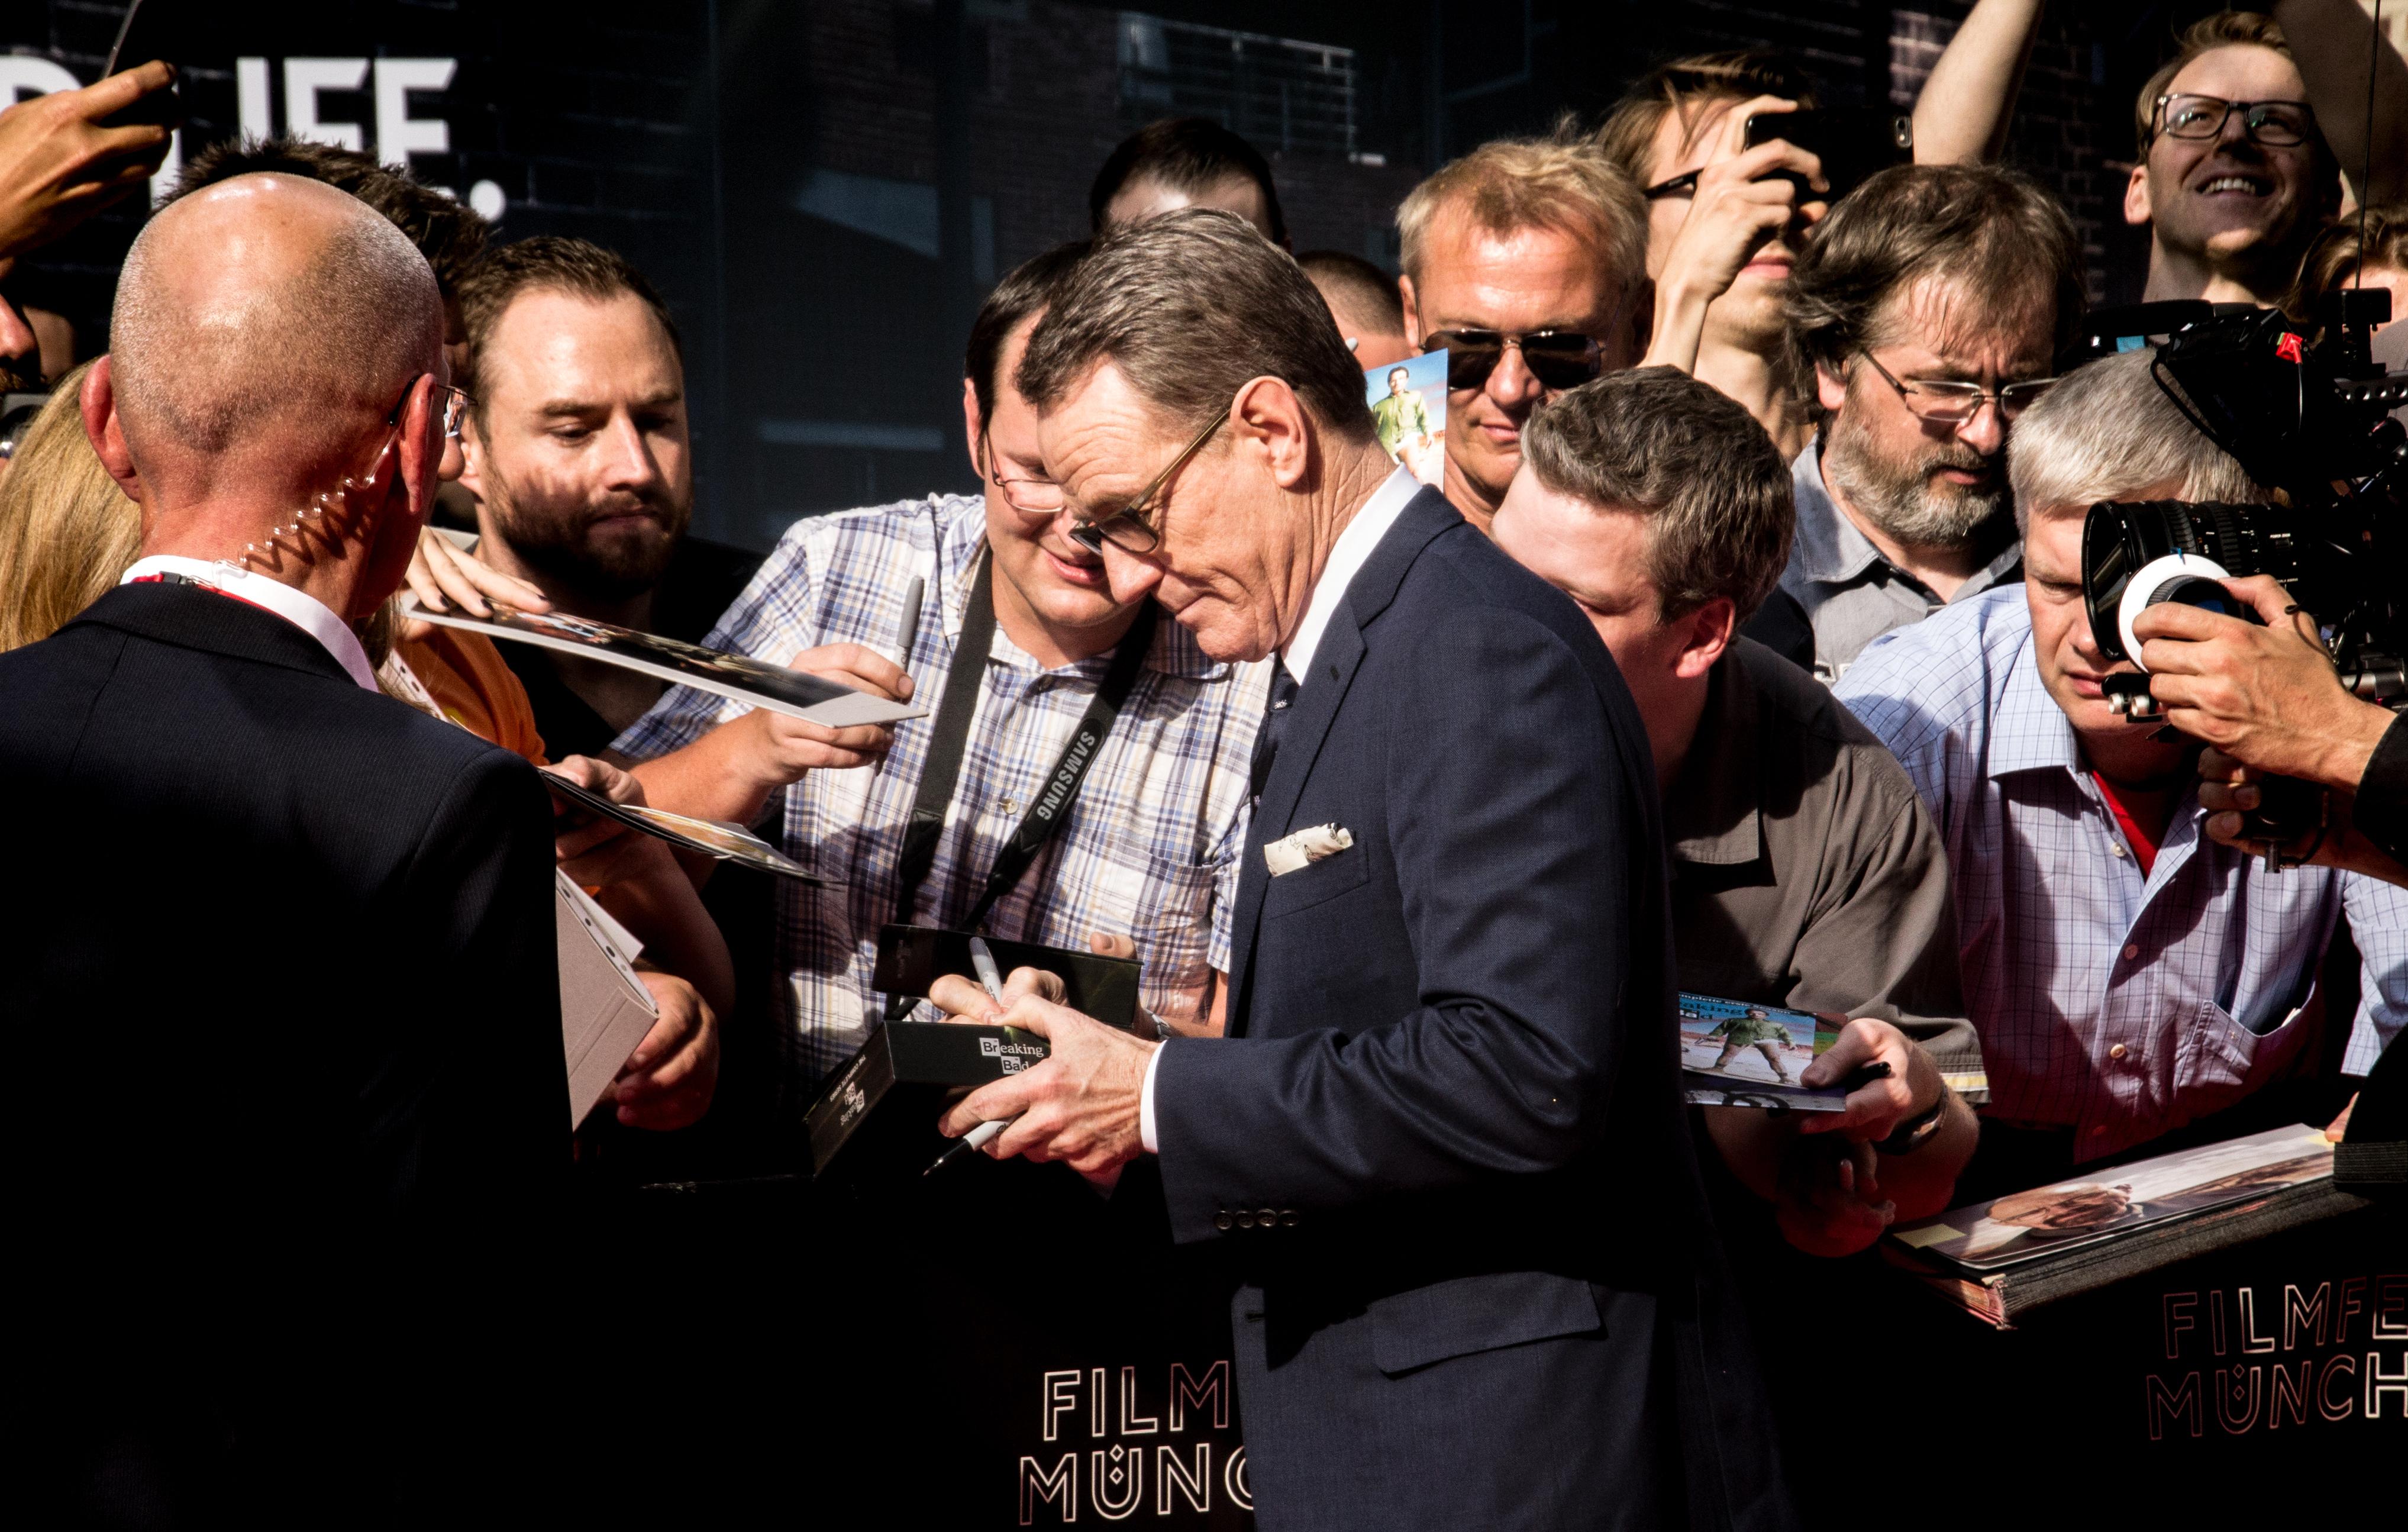 35. Filmfest München 2017